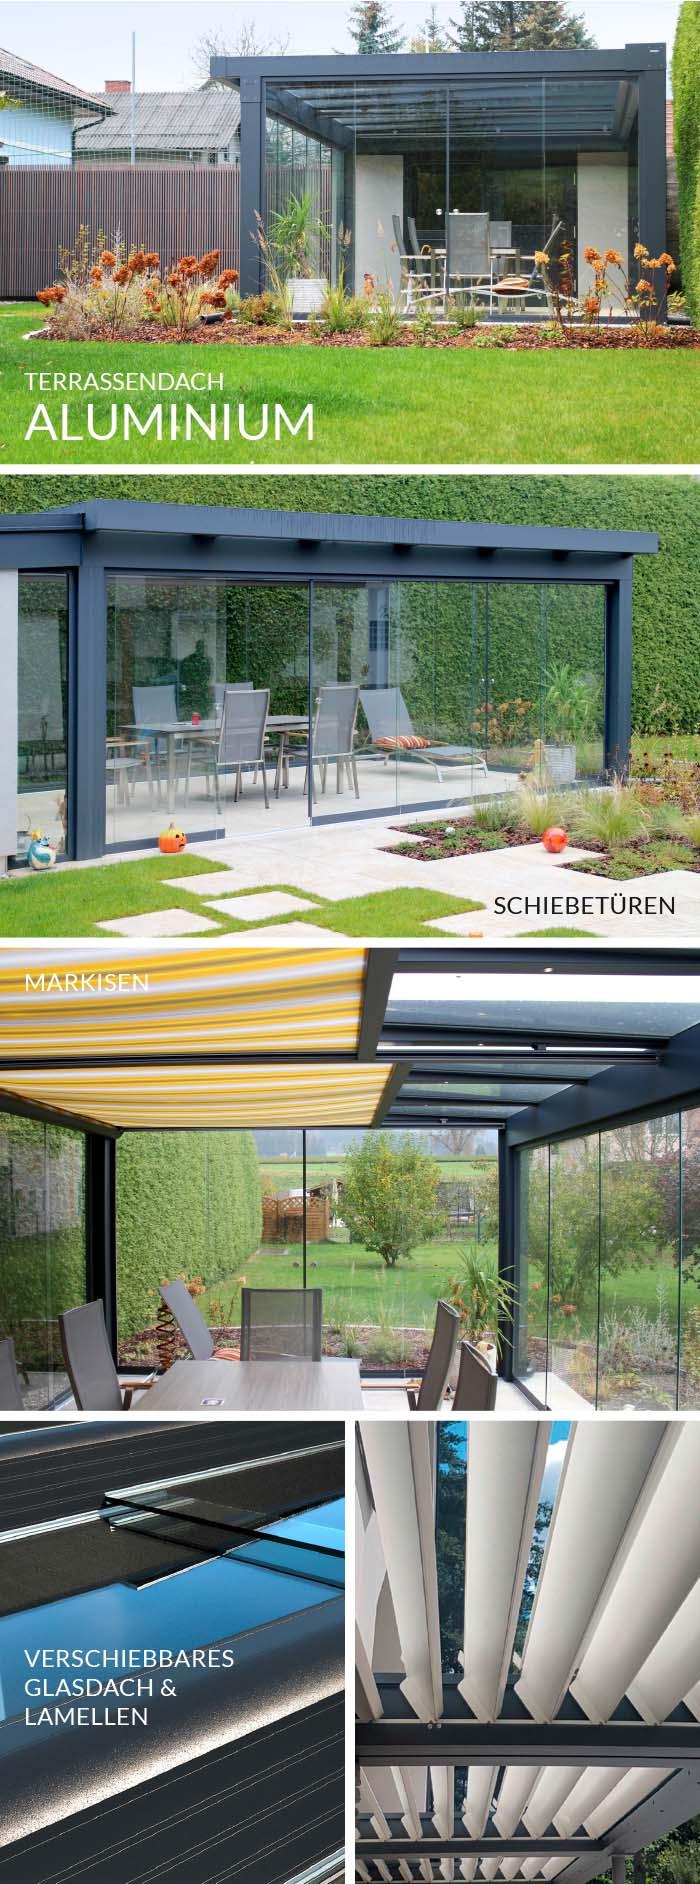 Terrassendach / moderner Wintergarten aus Aluminium mit Glasschiebewänden